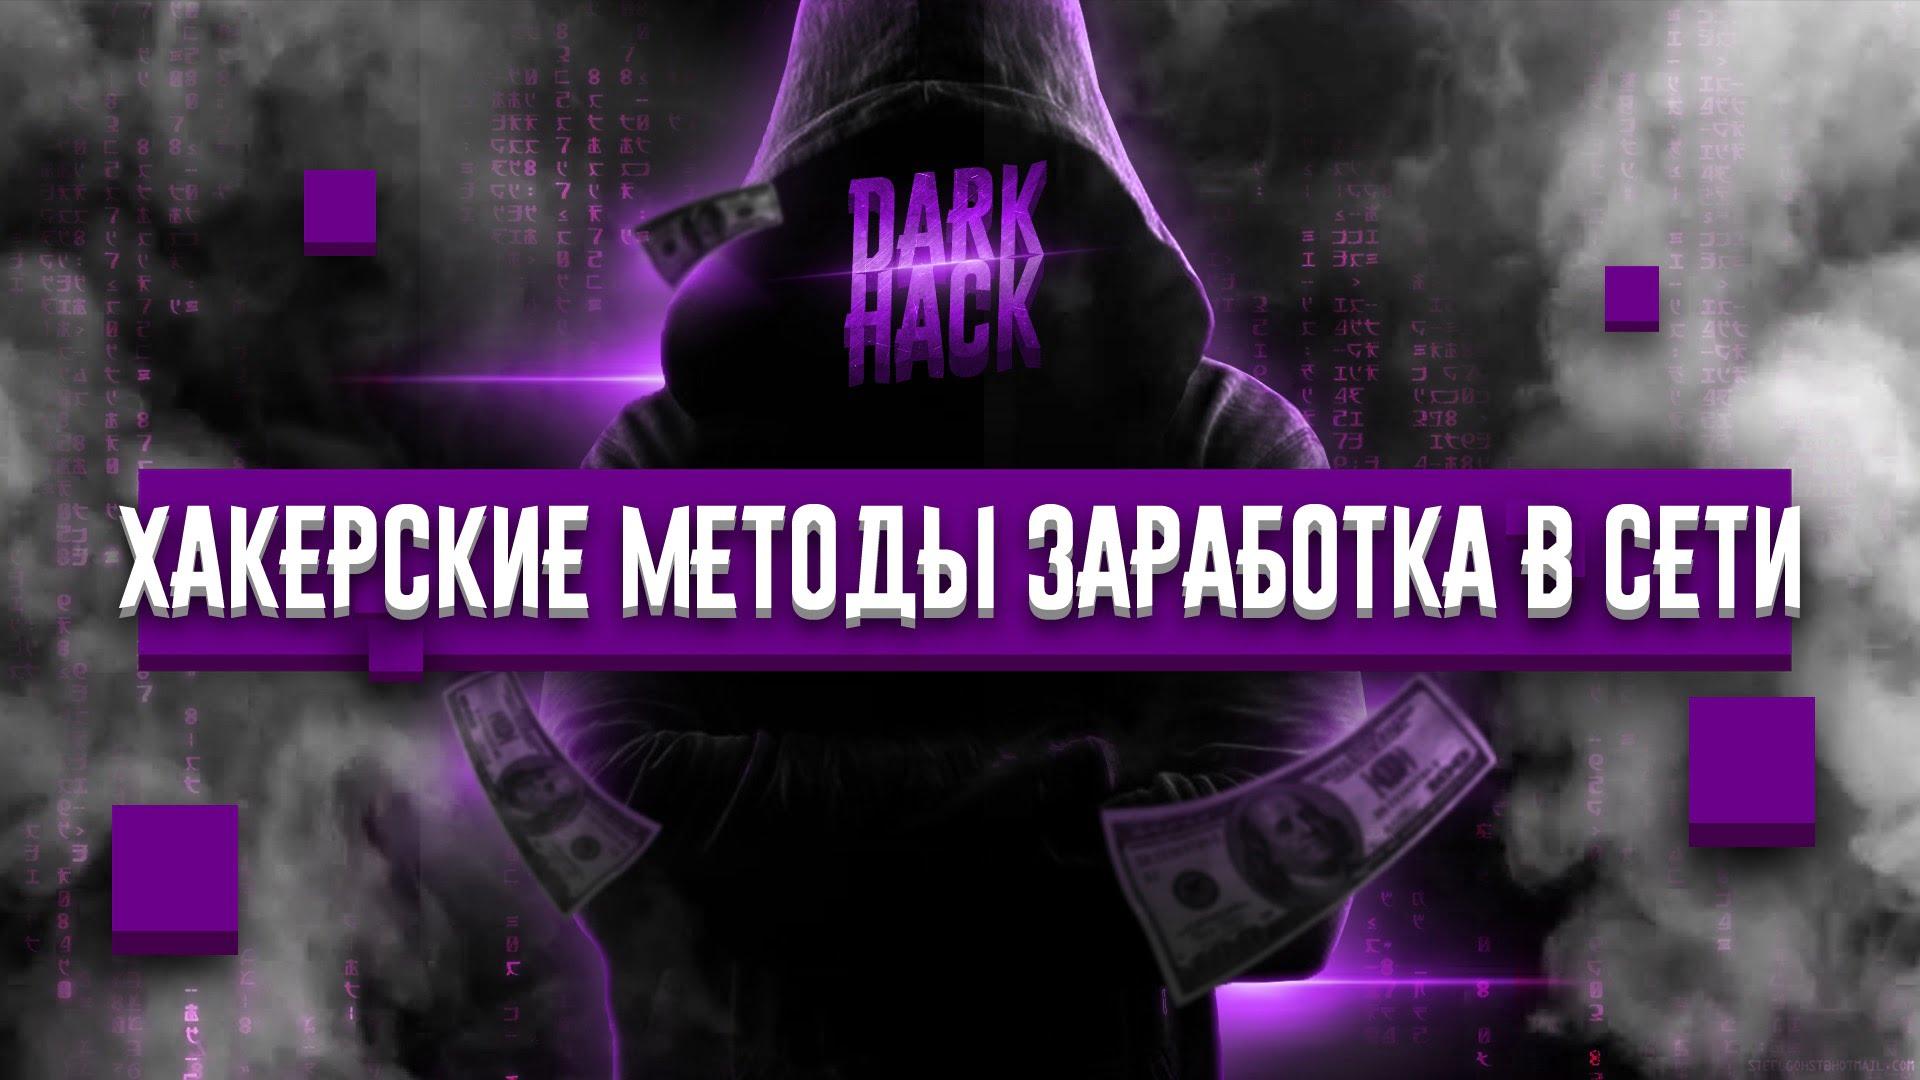 Хакерские методы заработка в сети